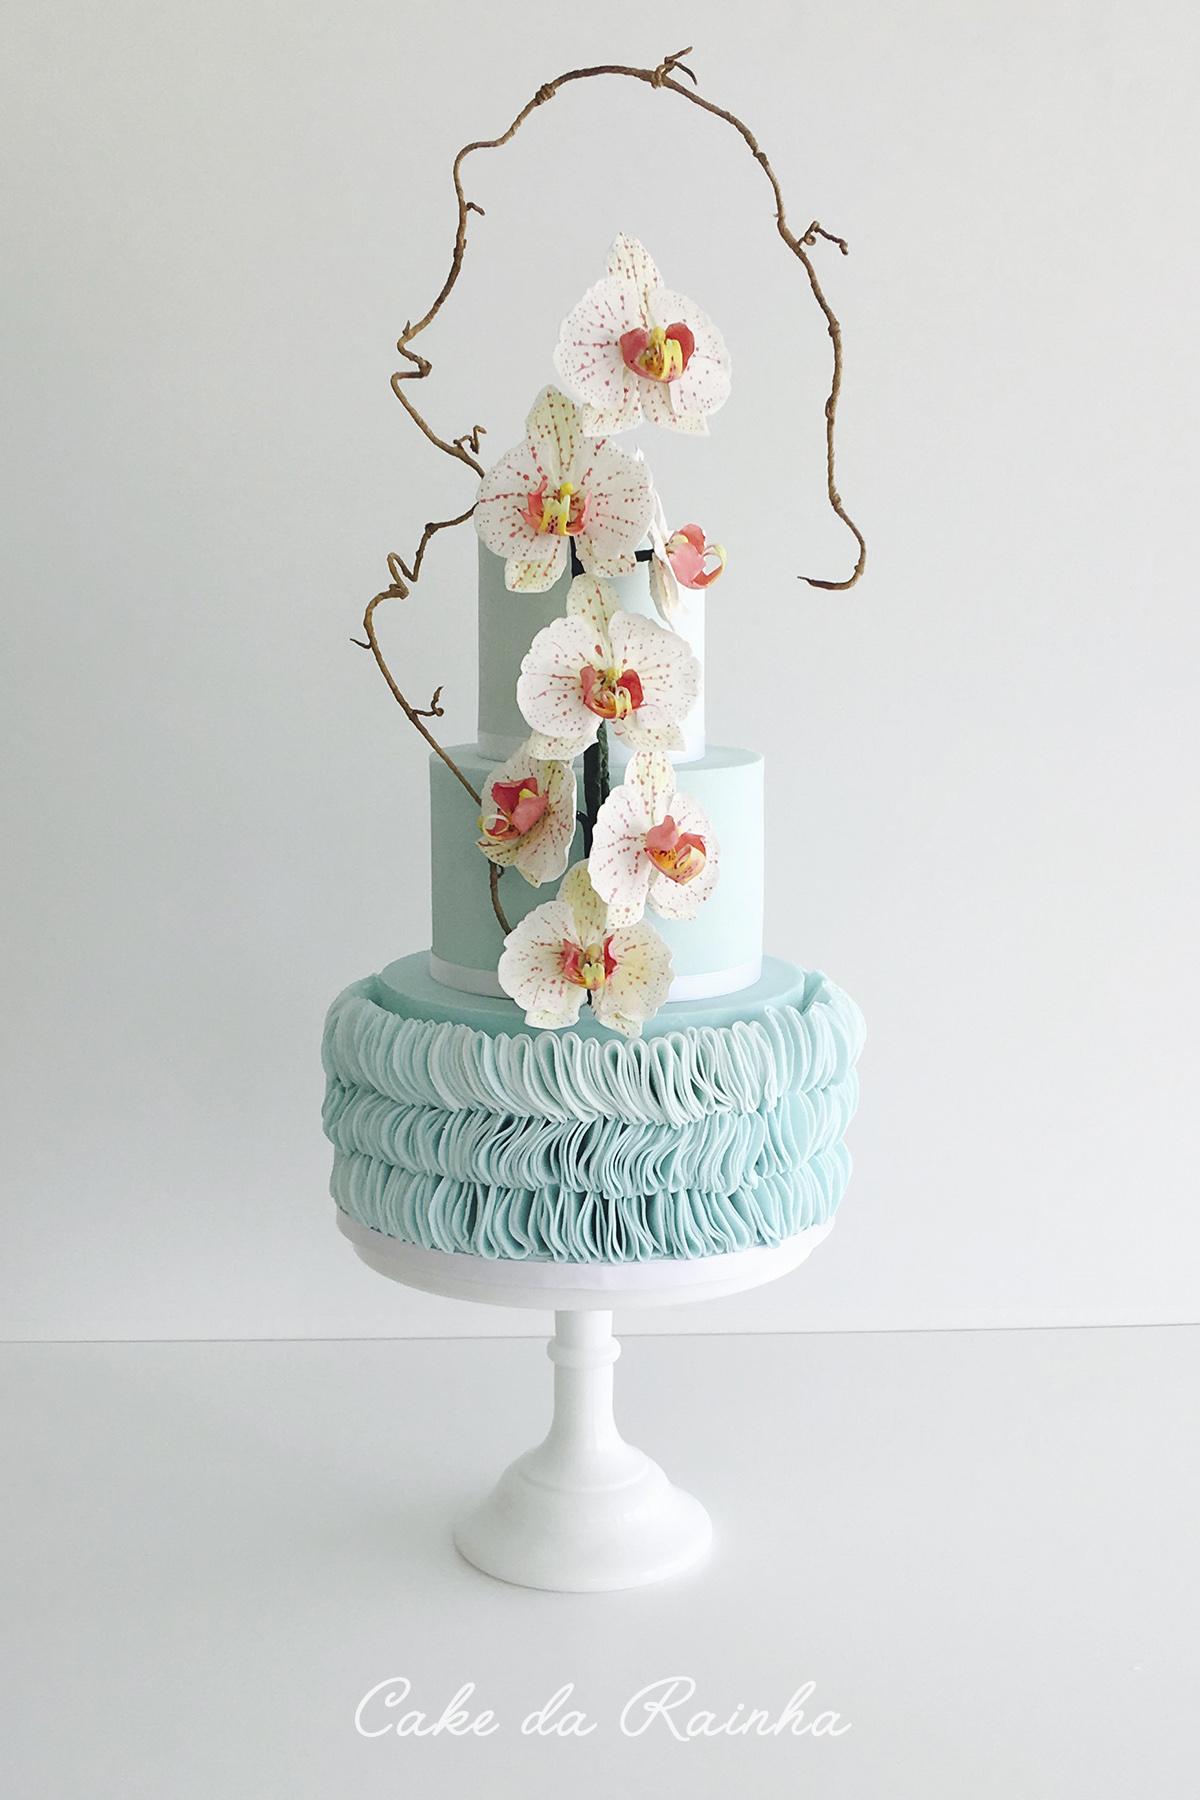 Home - Cake da Rainha